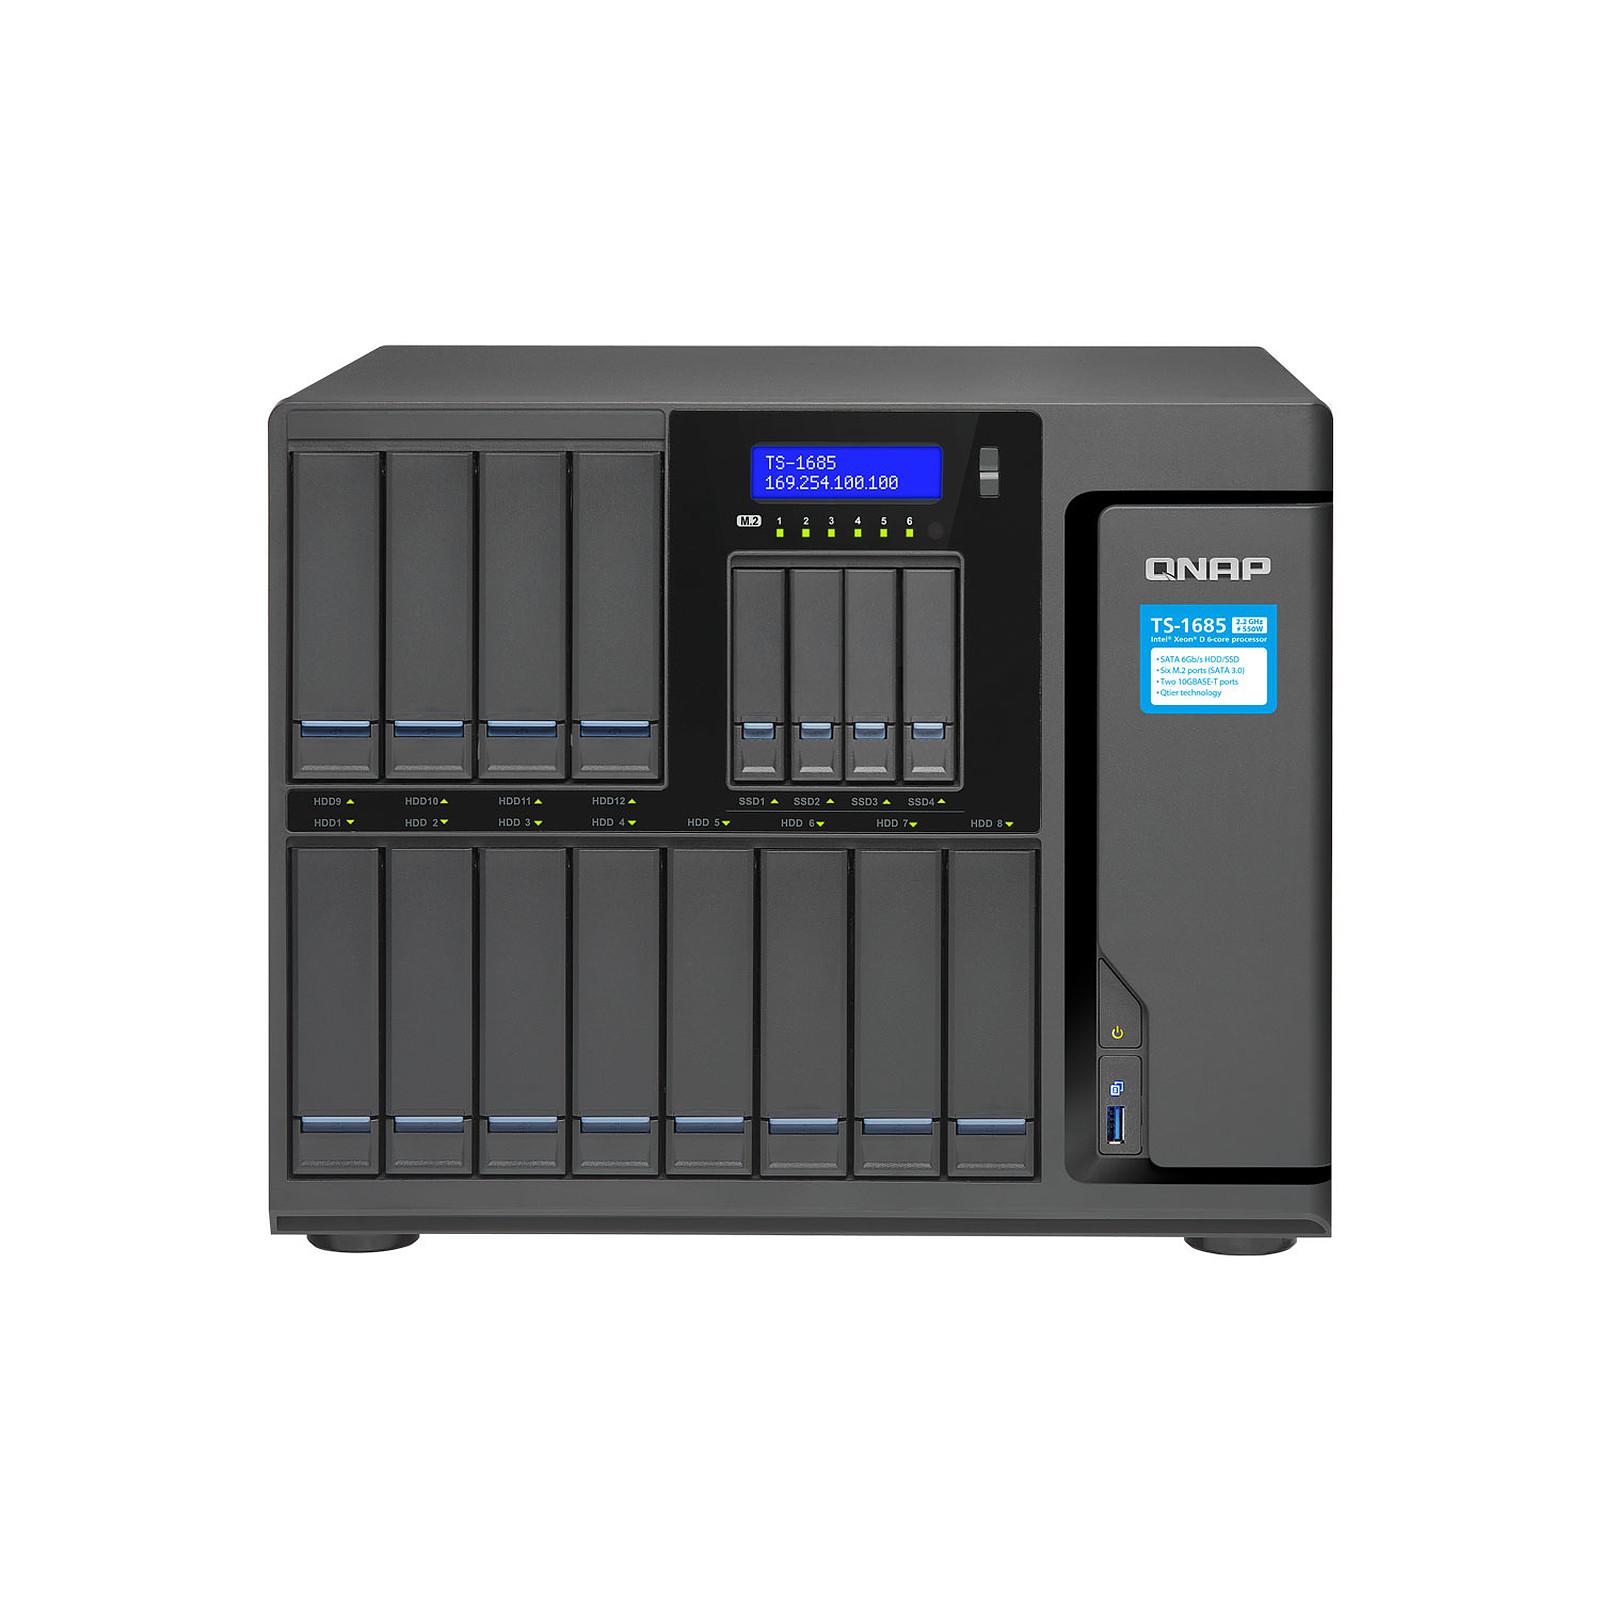 QNAP TS-1685-D1521-32G